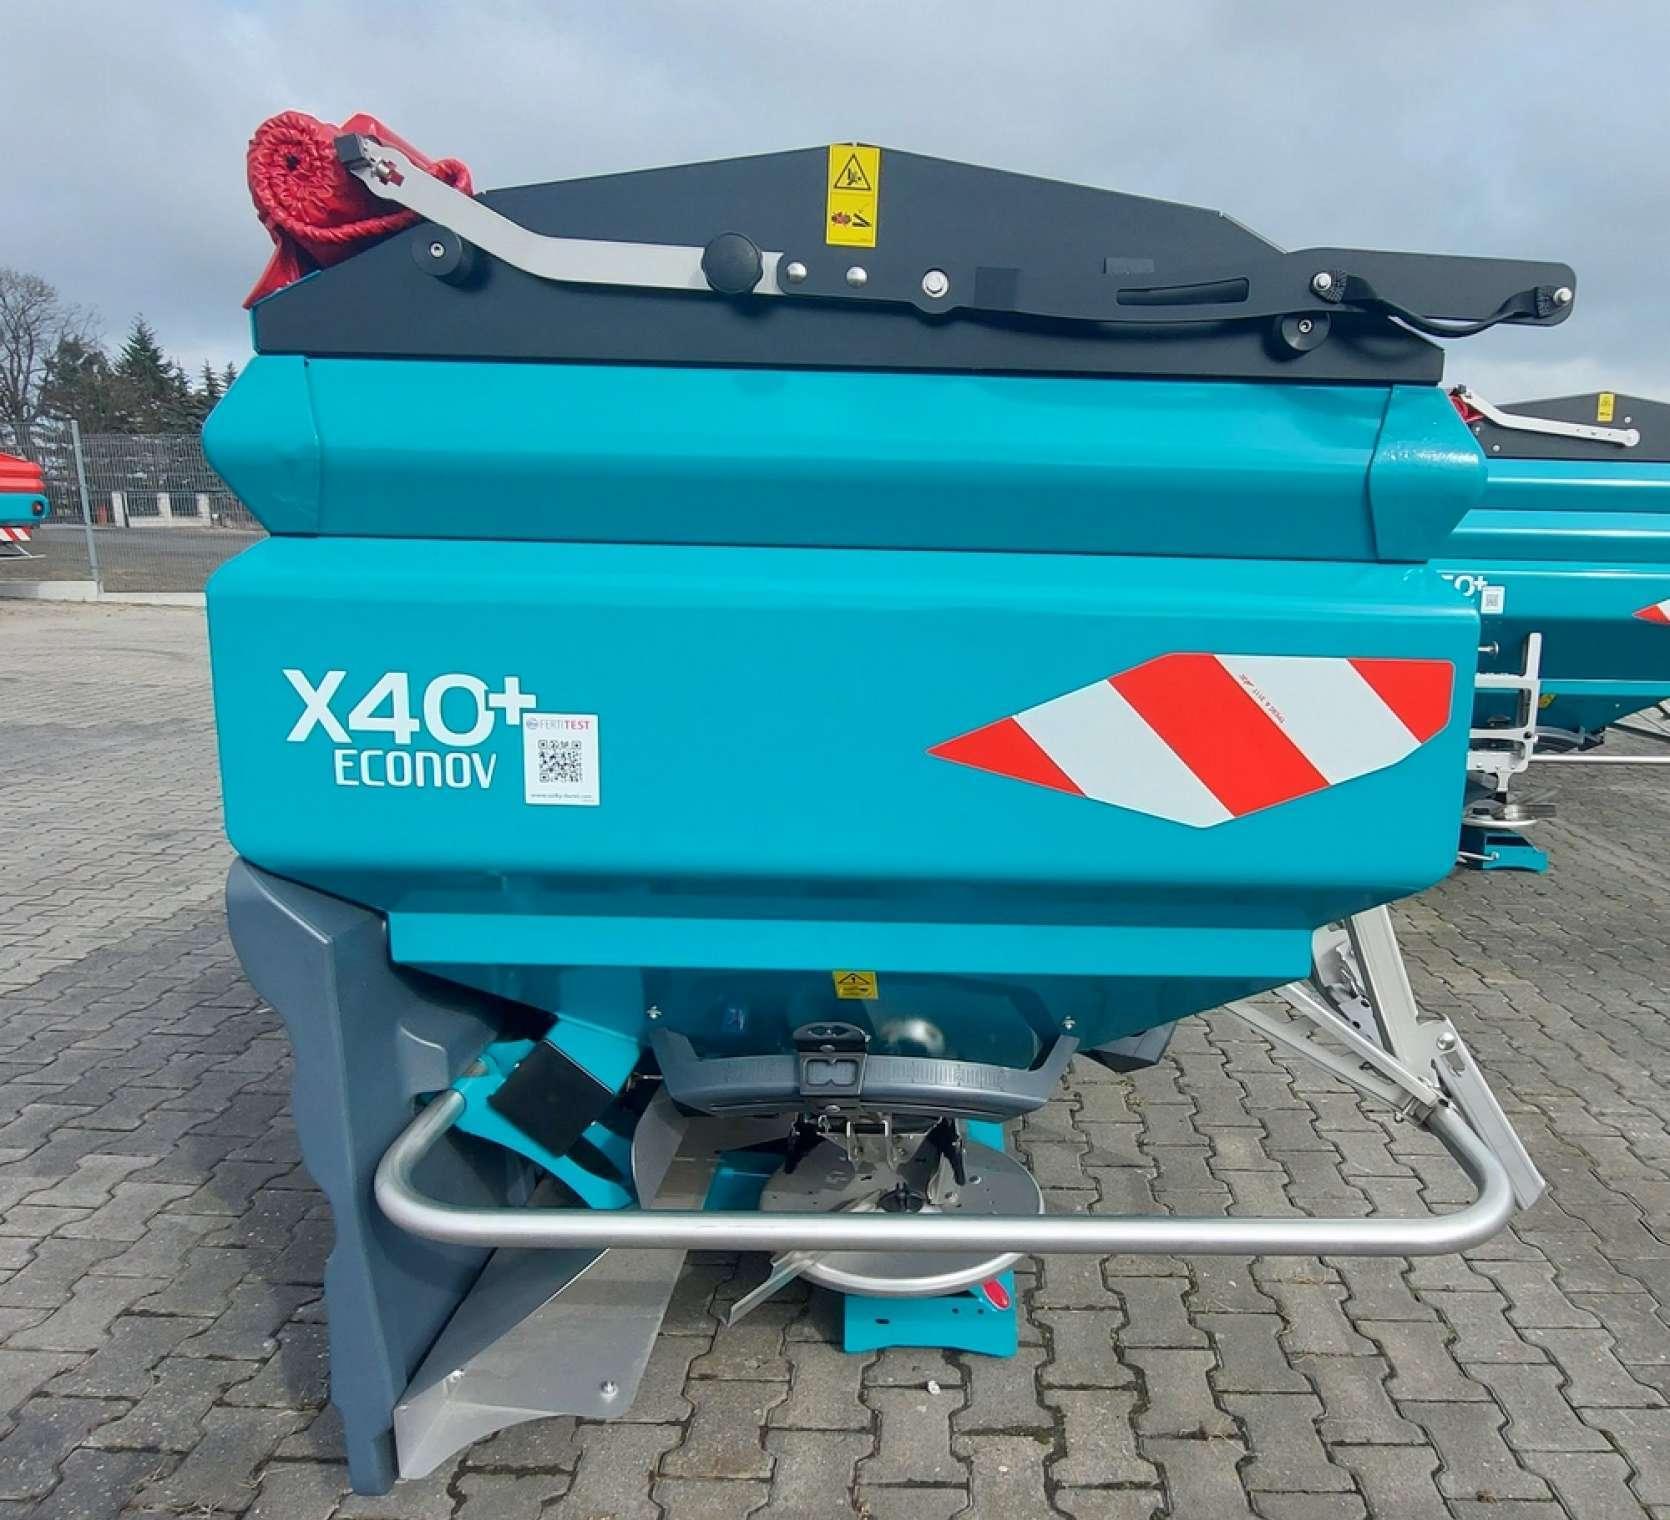 Rozsiewacz nawozów 2500 litrów X40+ Econov ISOBUS widok z boku